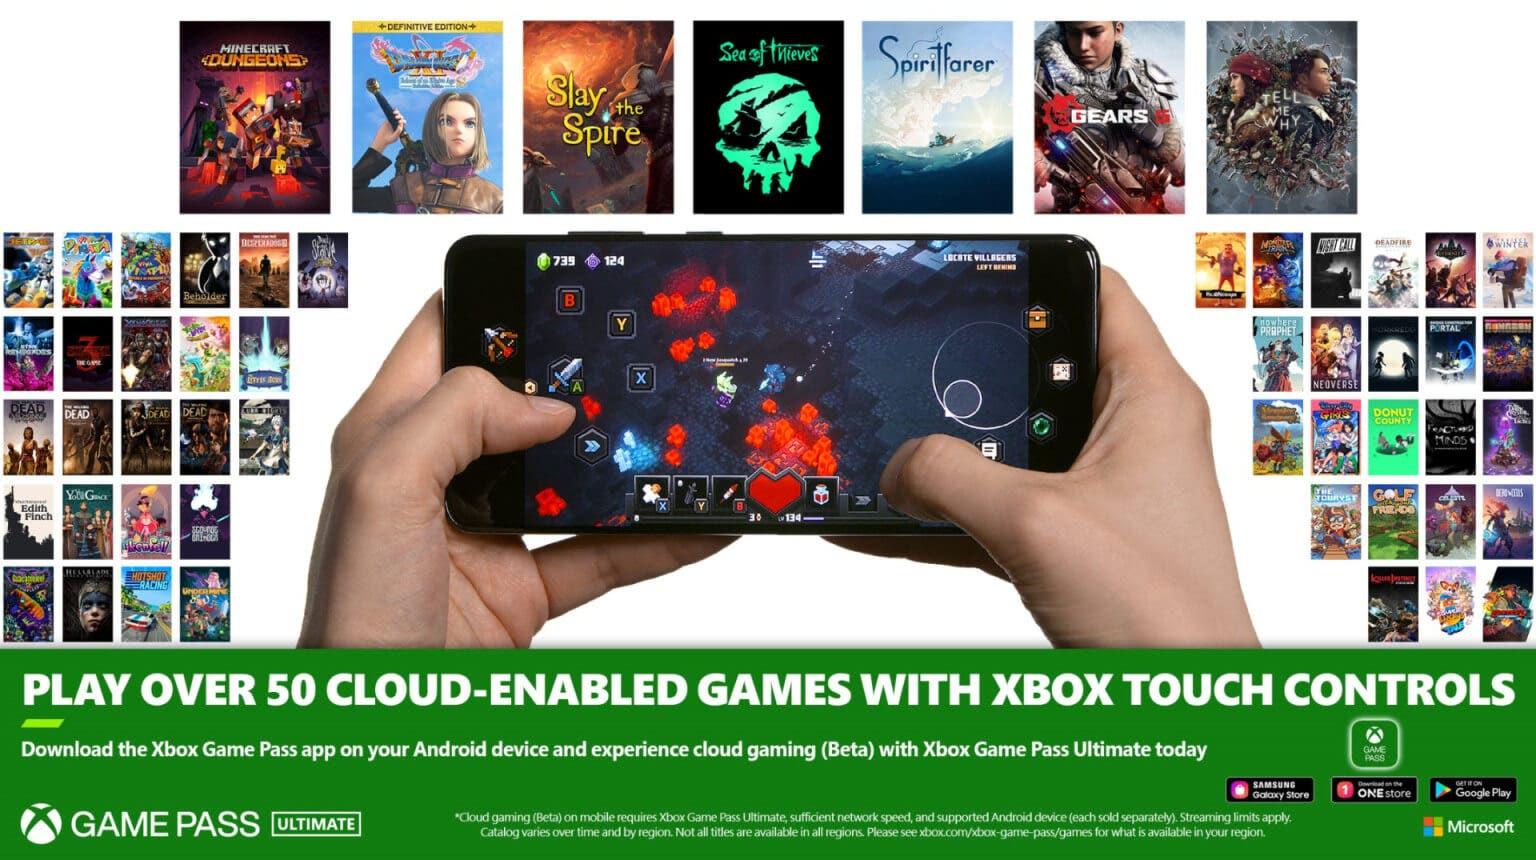 juegos con controles táctiles a xCloud